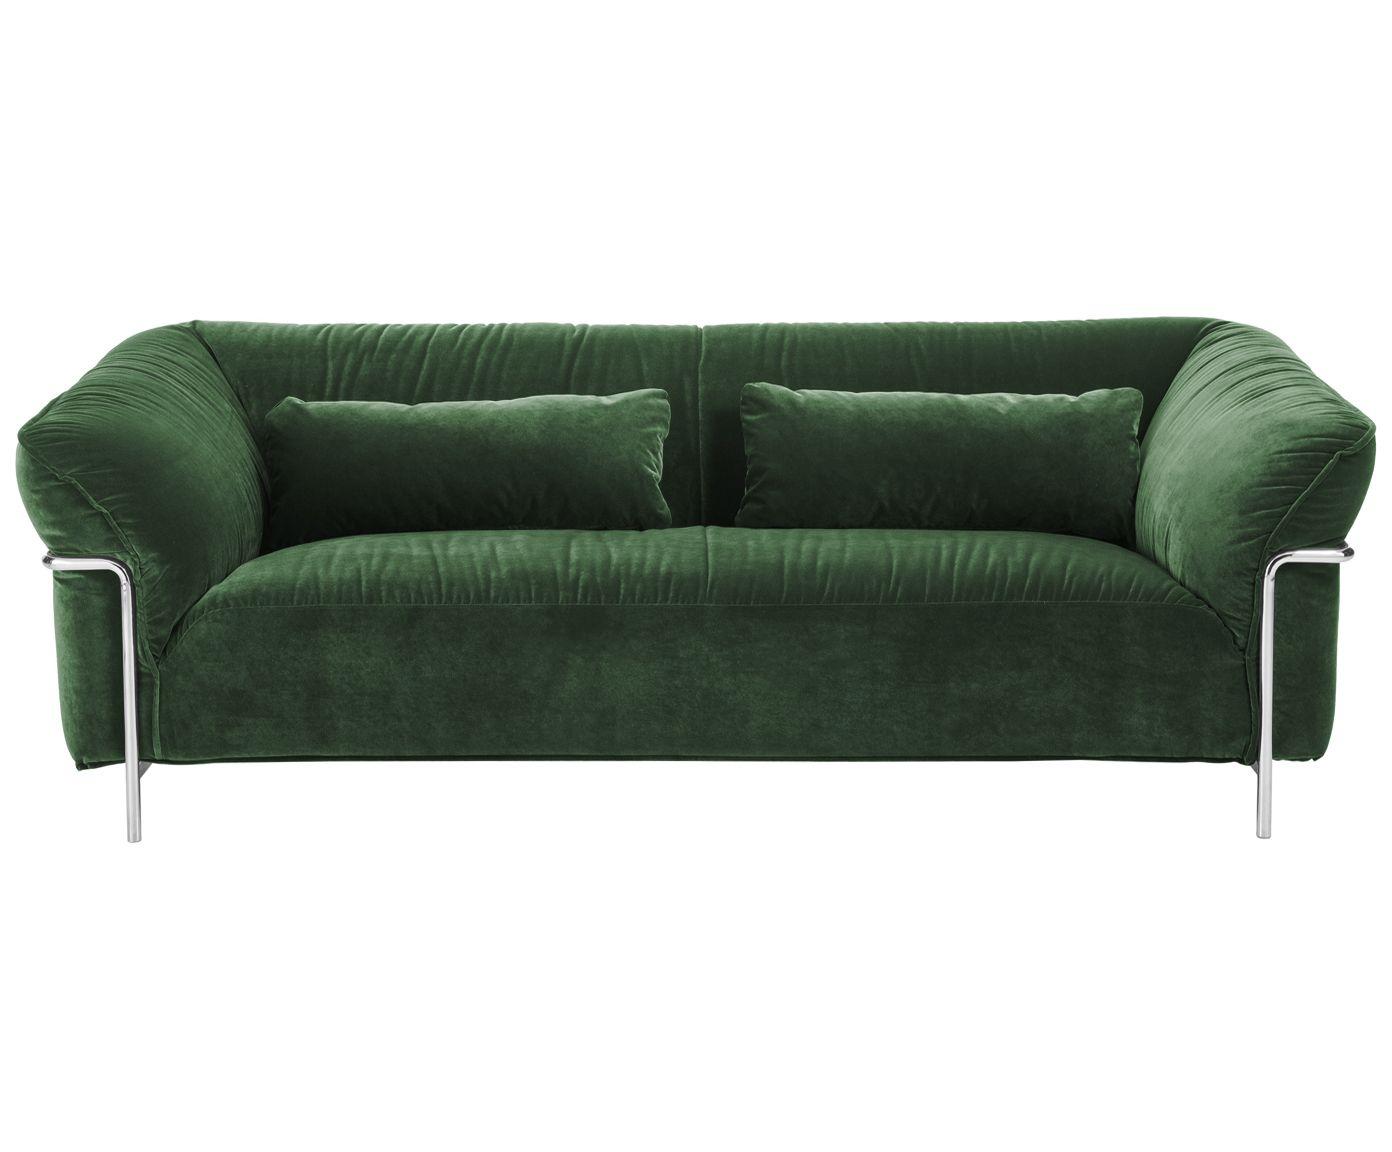 Schön Big Sofa Samt Das Beste Von Machen Sie Ihr Wohnzimmer Mit Dem Doris